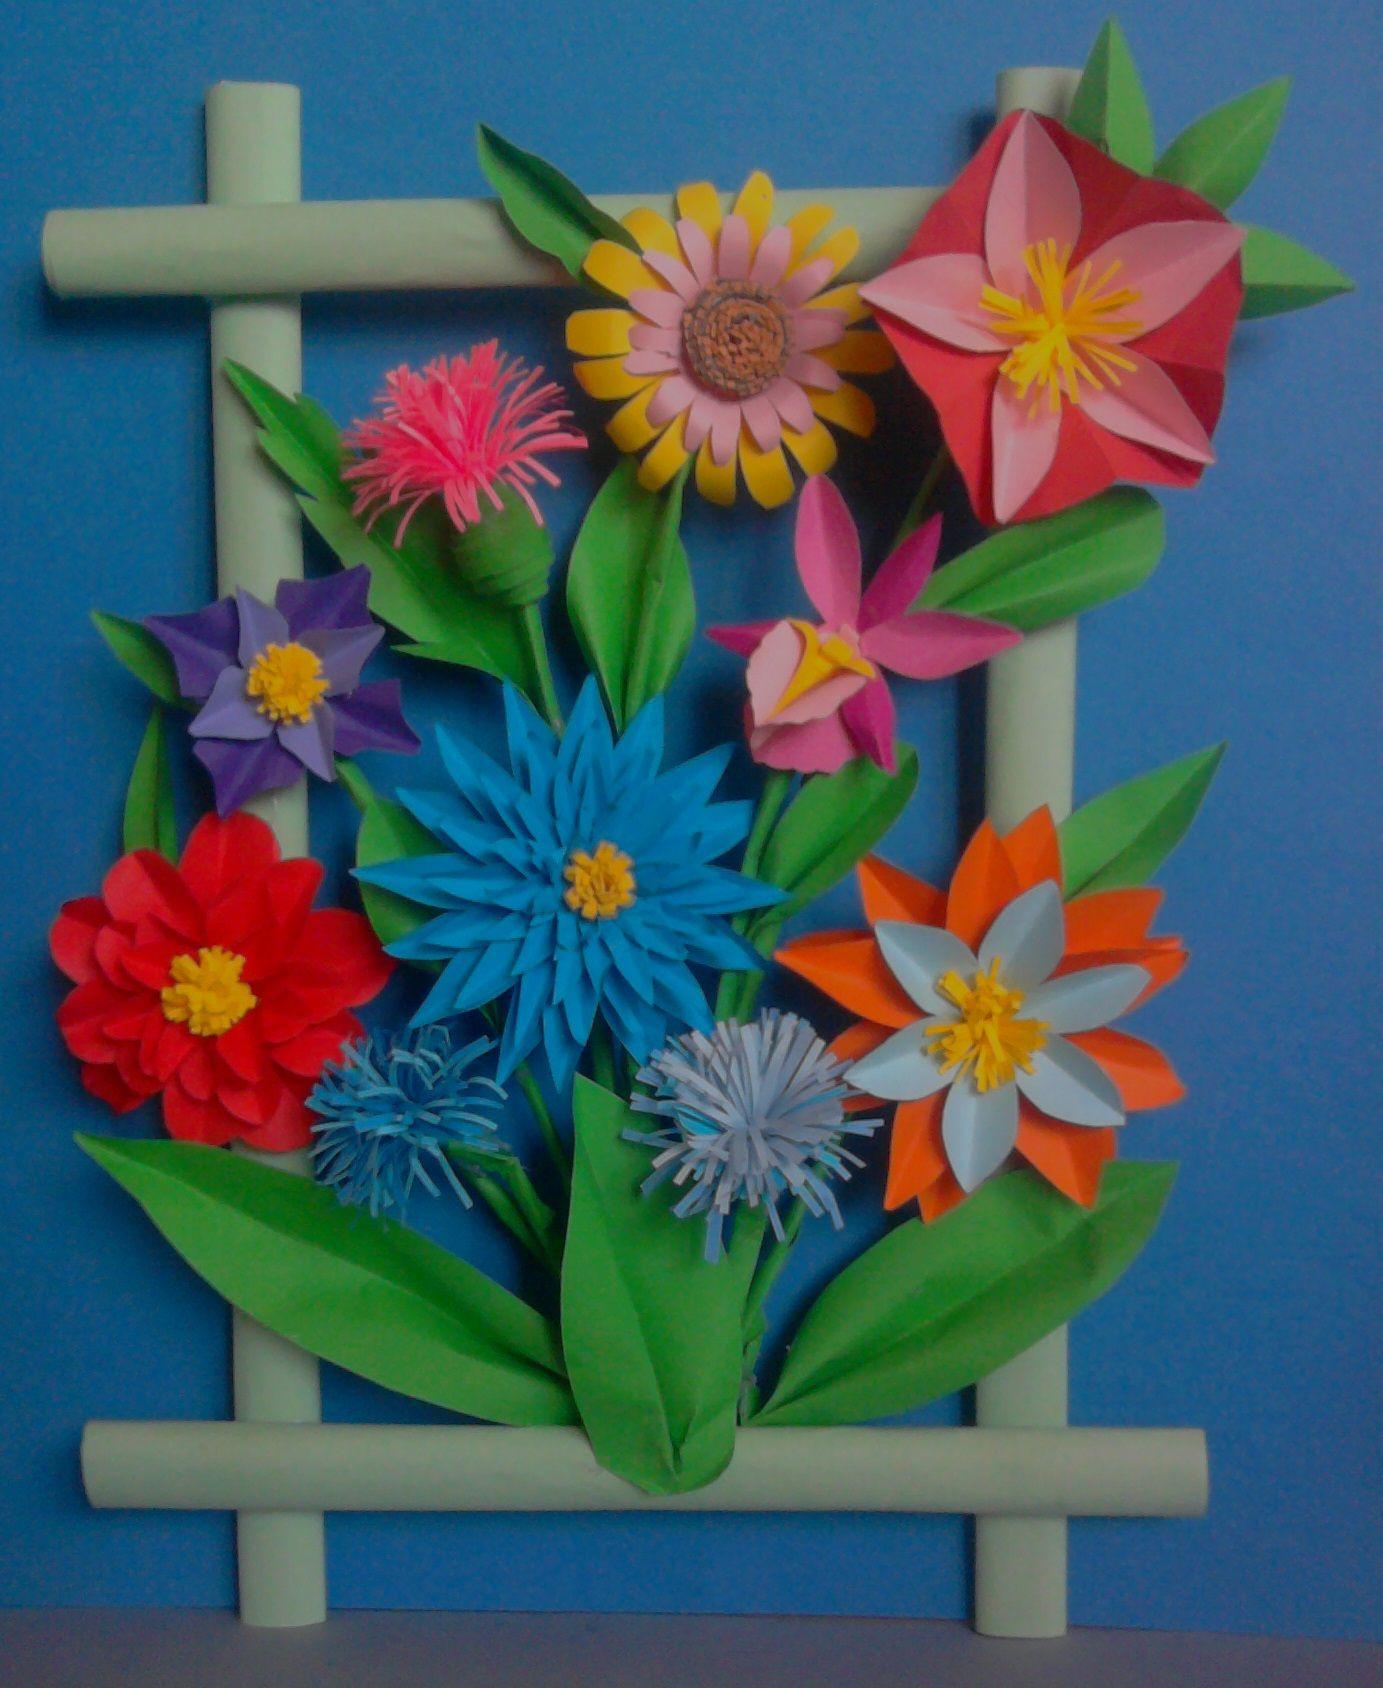 Kwiaty Z Papieru Ikebana Prace Plastyczne Dariusz Zolynski Flowers Paper Paper Flowers Orgiami Kirigami Wycinanki Paper Flowers Crafts Paper Crafts